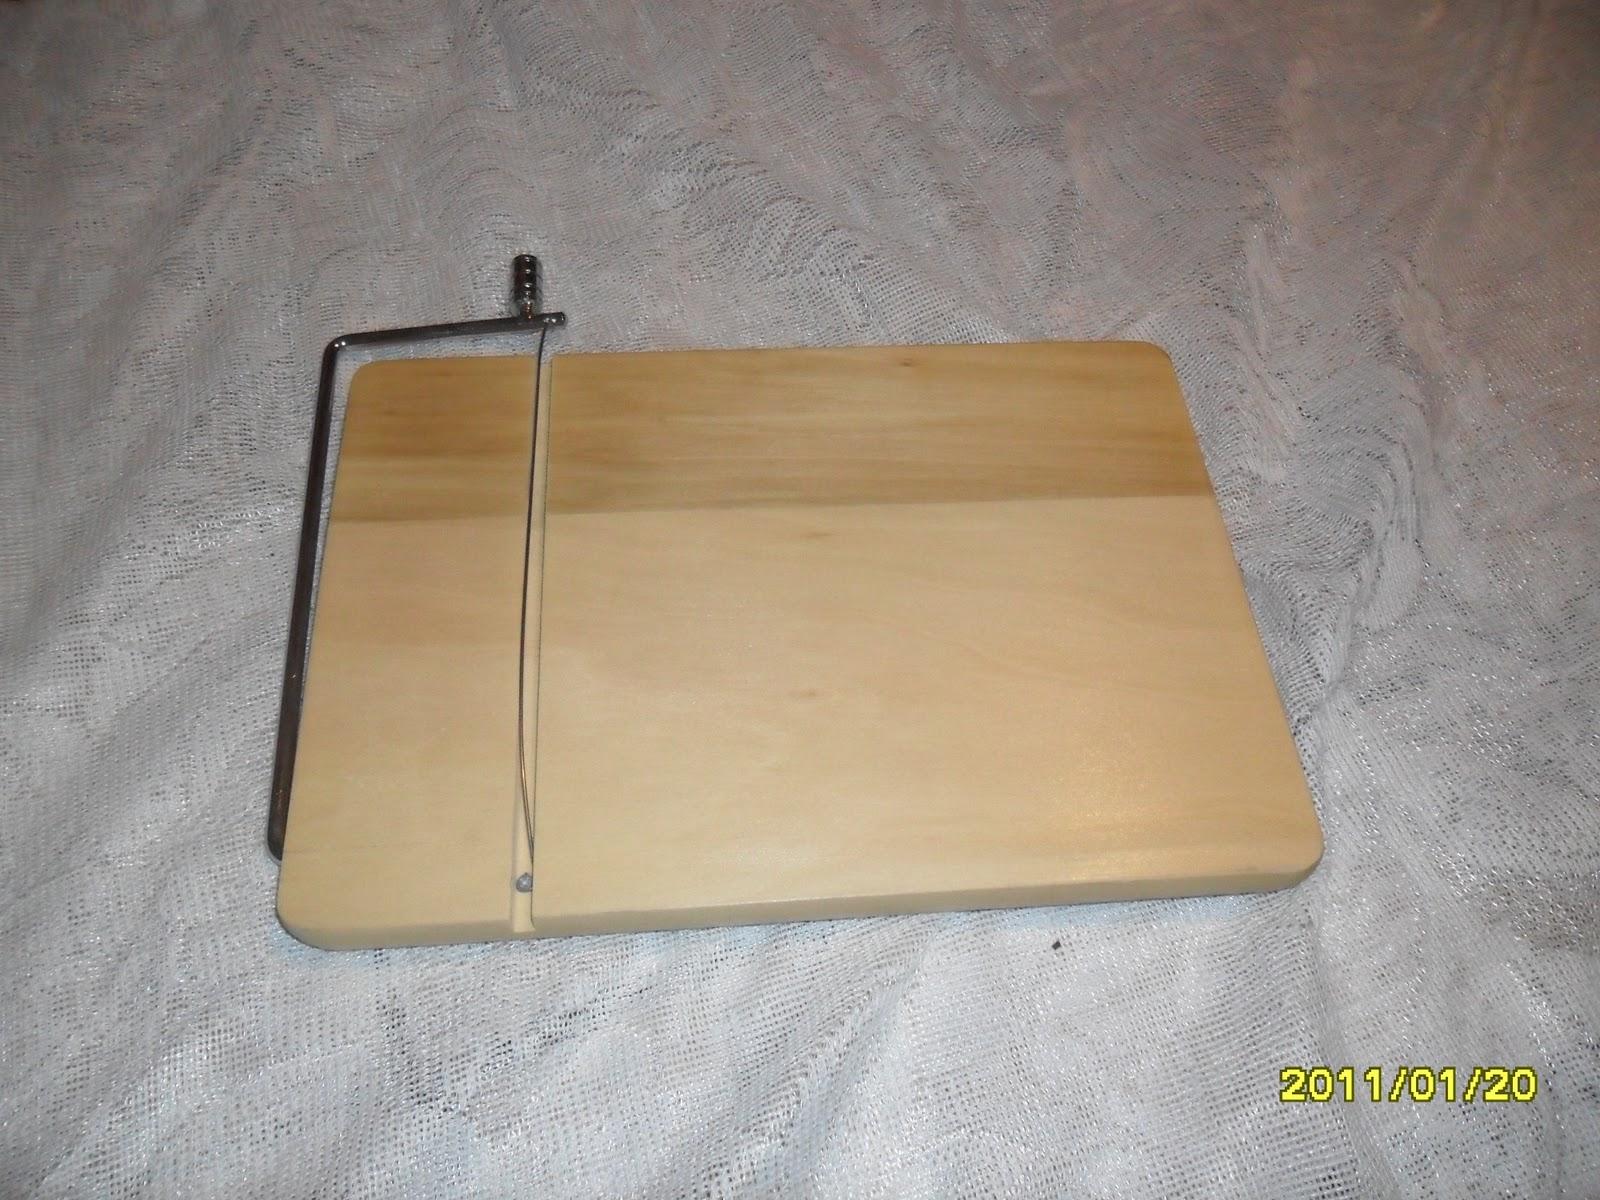 Taller nachito tablas de cortar queso - Tabla de cortar ...